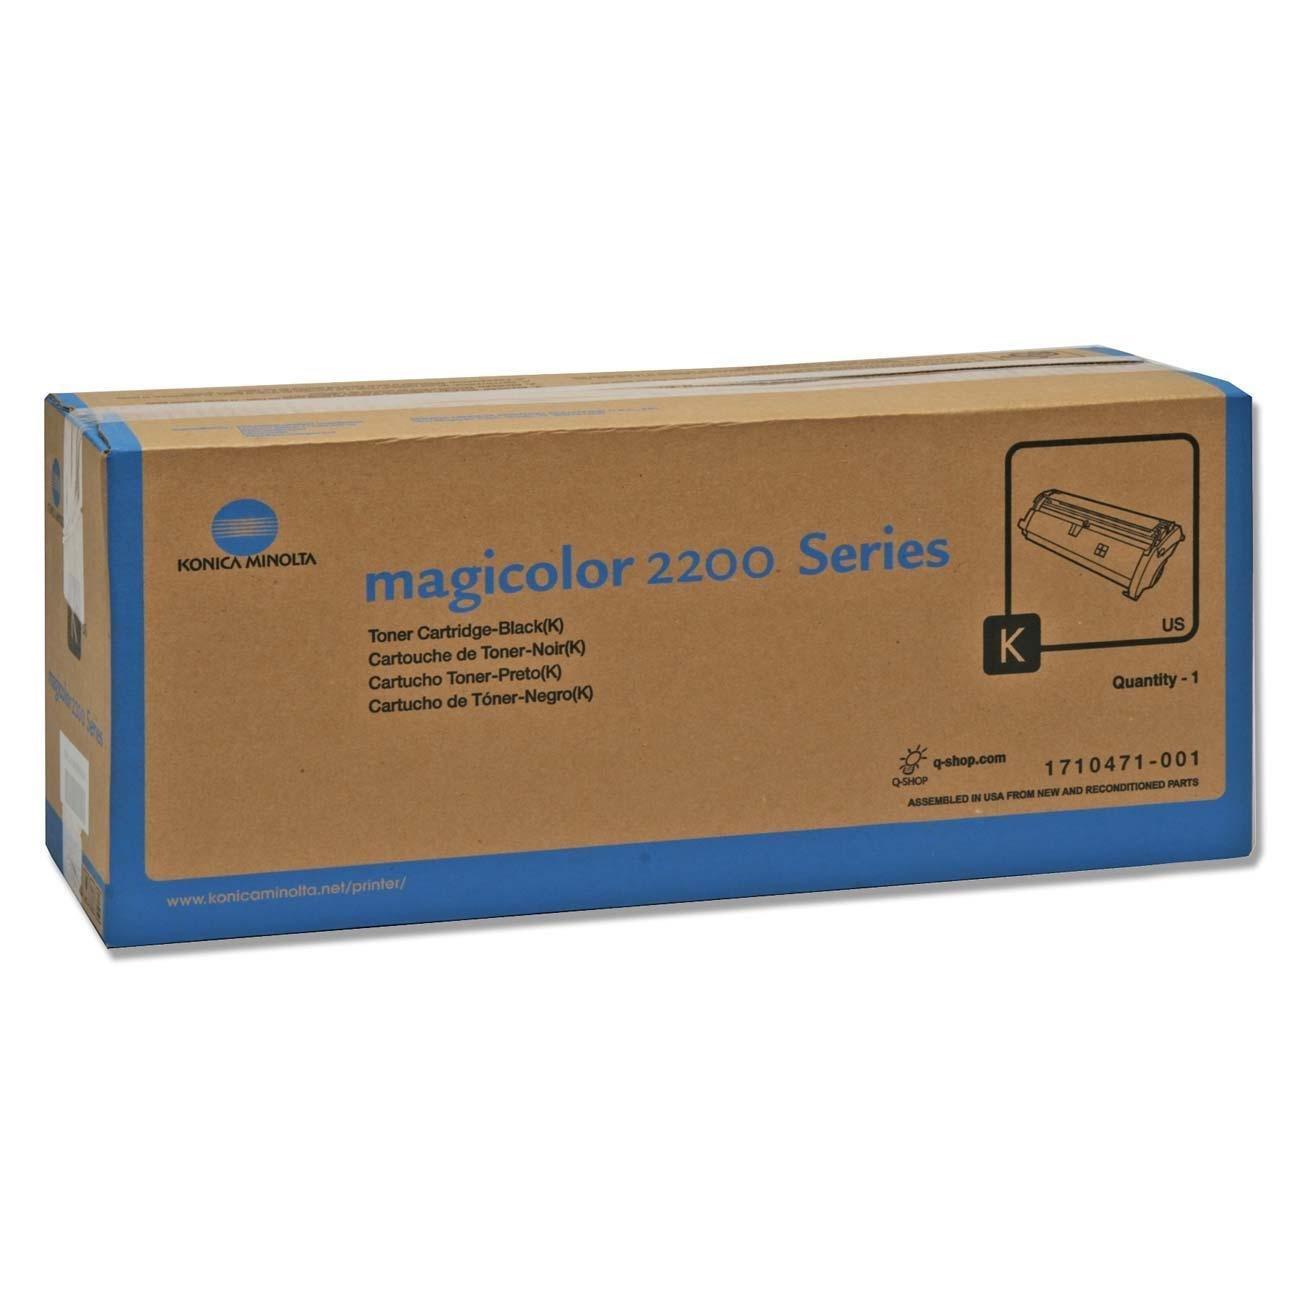 Minolta-QMS 1710471-001 Original Toner Cartridge - Black